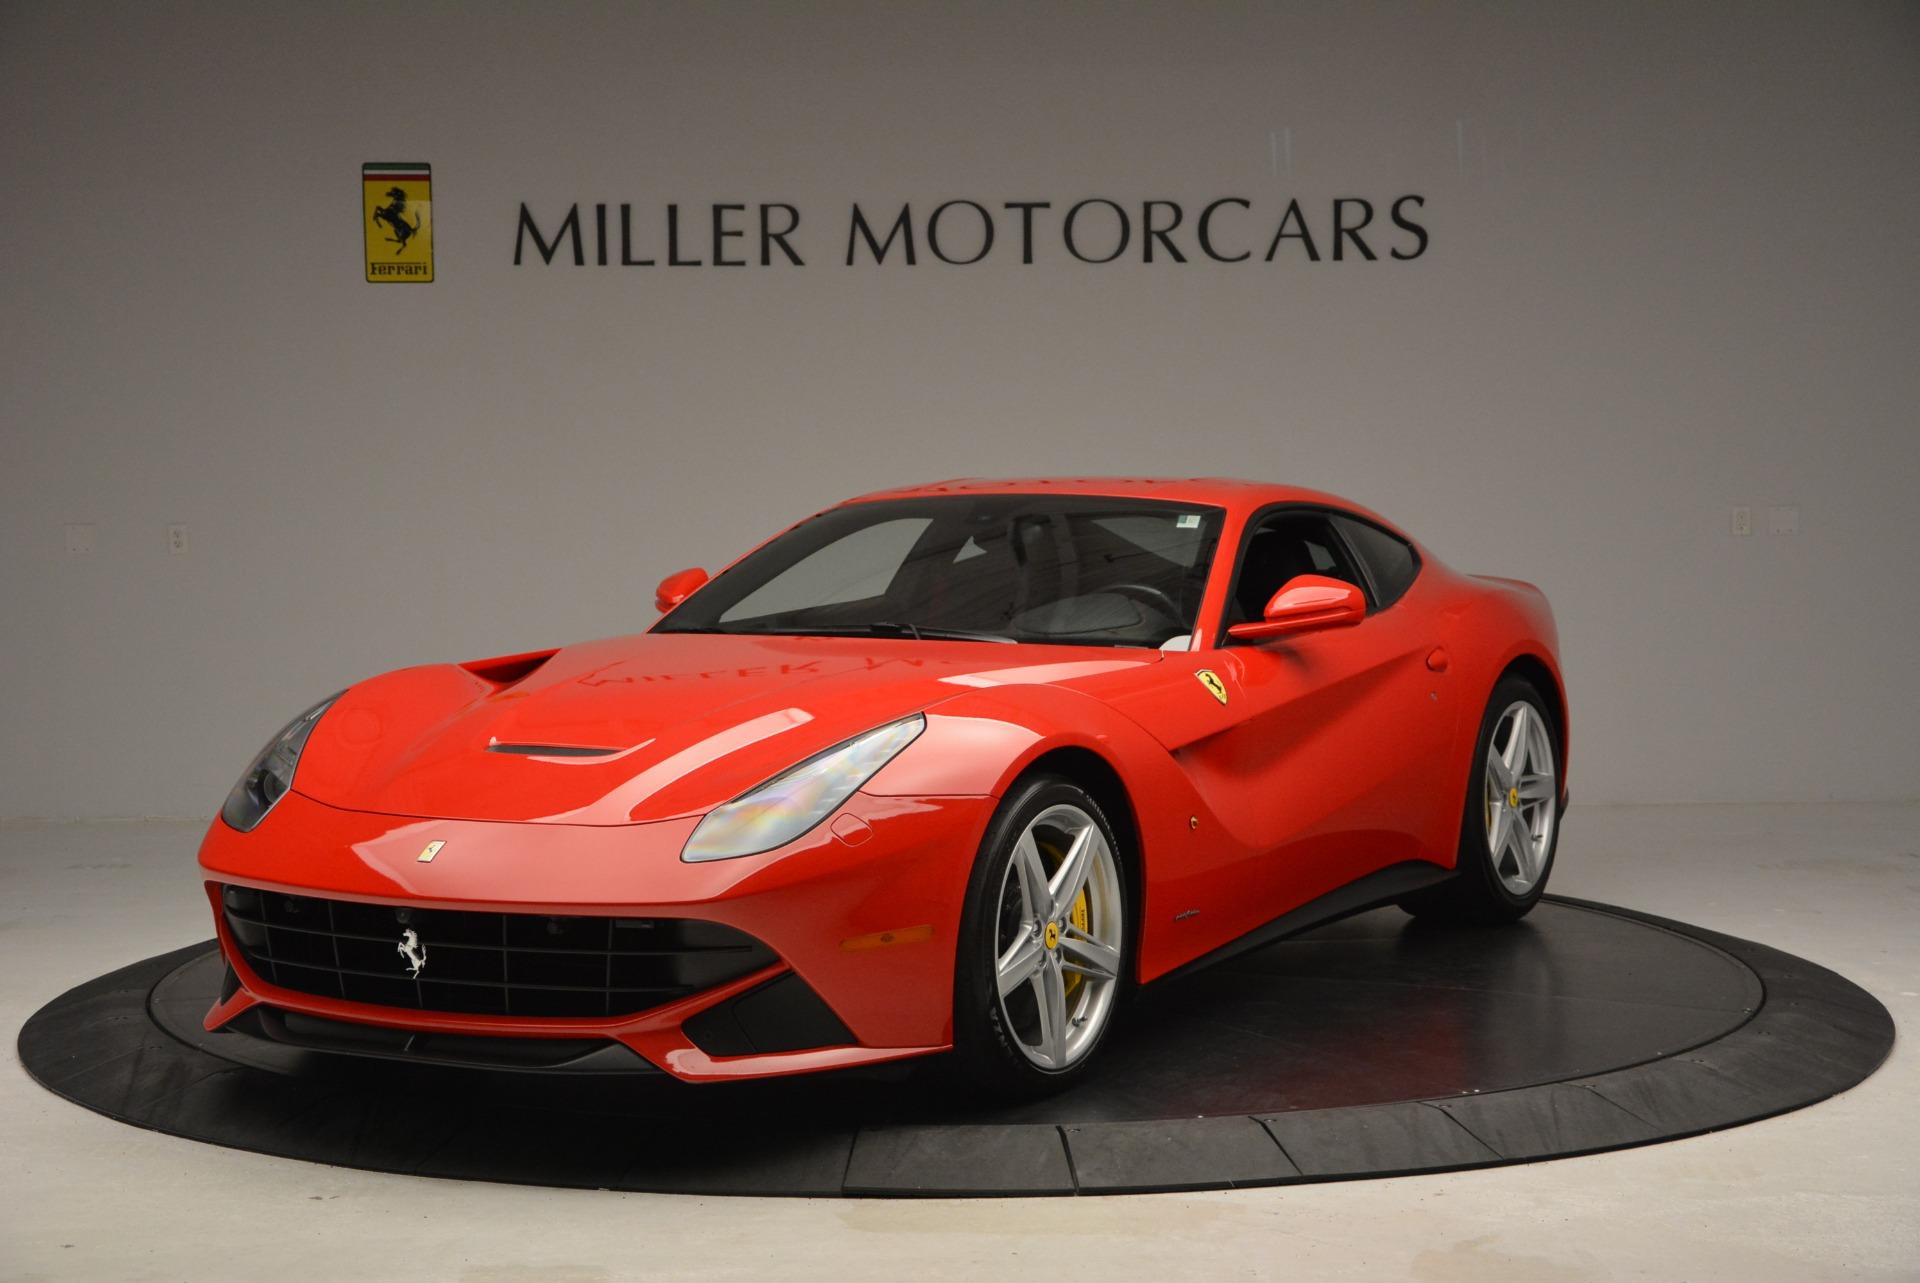 Used 2015 Ferrari F12 Berlinetta for sale Sold at Bugatti of Greenwich in Greenwich CT 06830 1